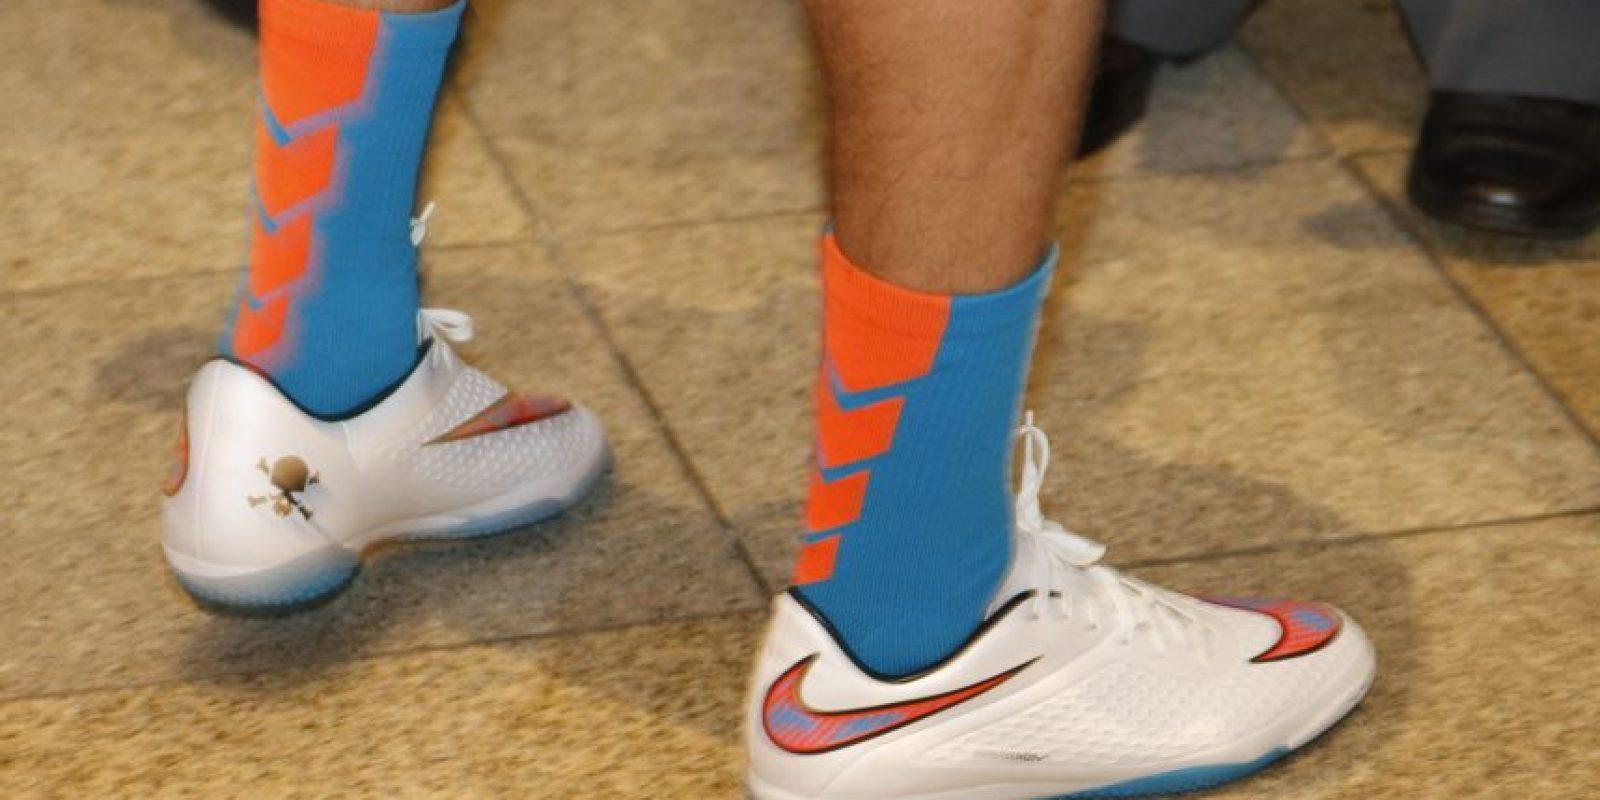 Los zapatos Nike modelo Hypervenom serán los que usará Marco Pappa en su primera etapa con el patrocinio de la firma. Foto:Fernando Ruiz